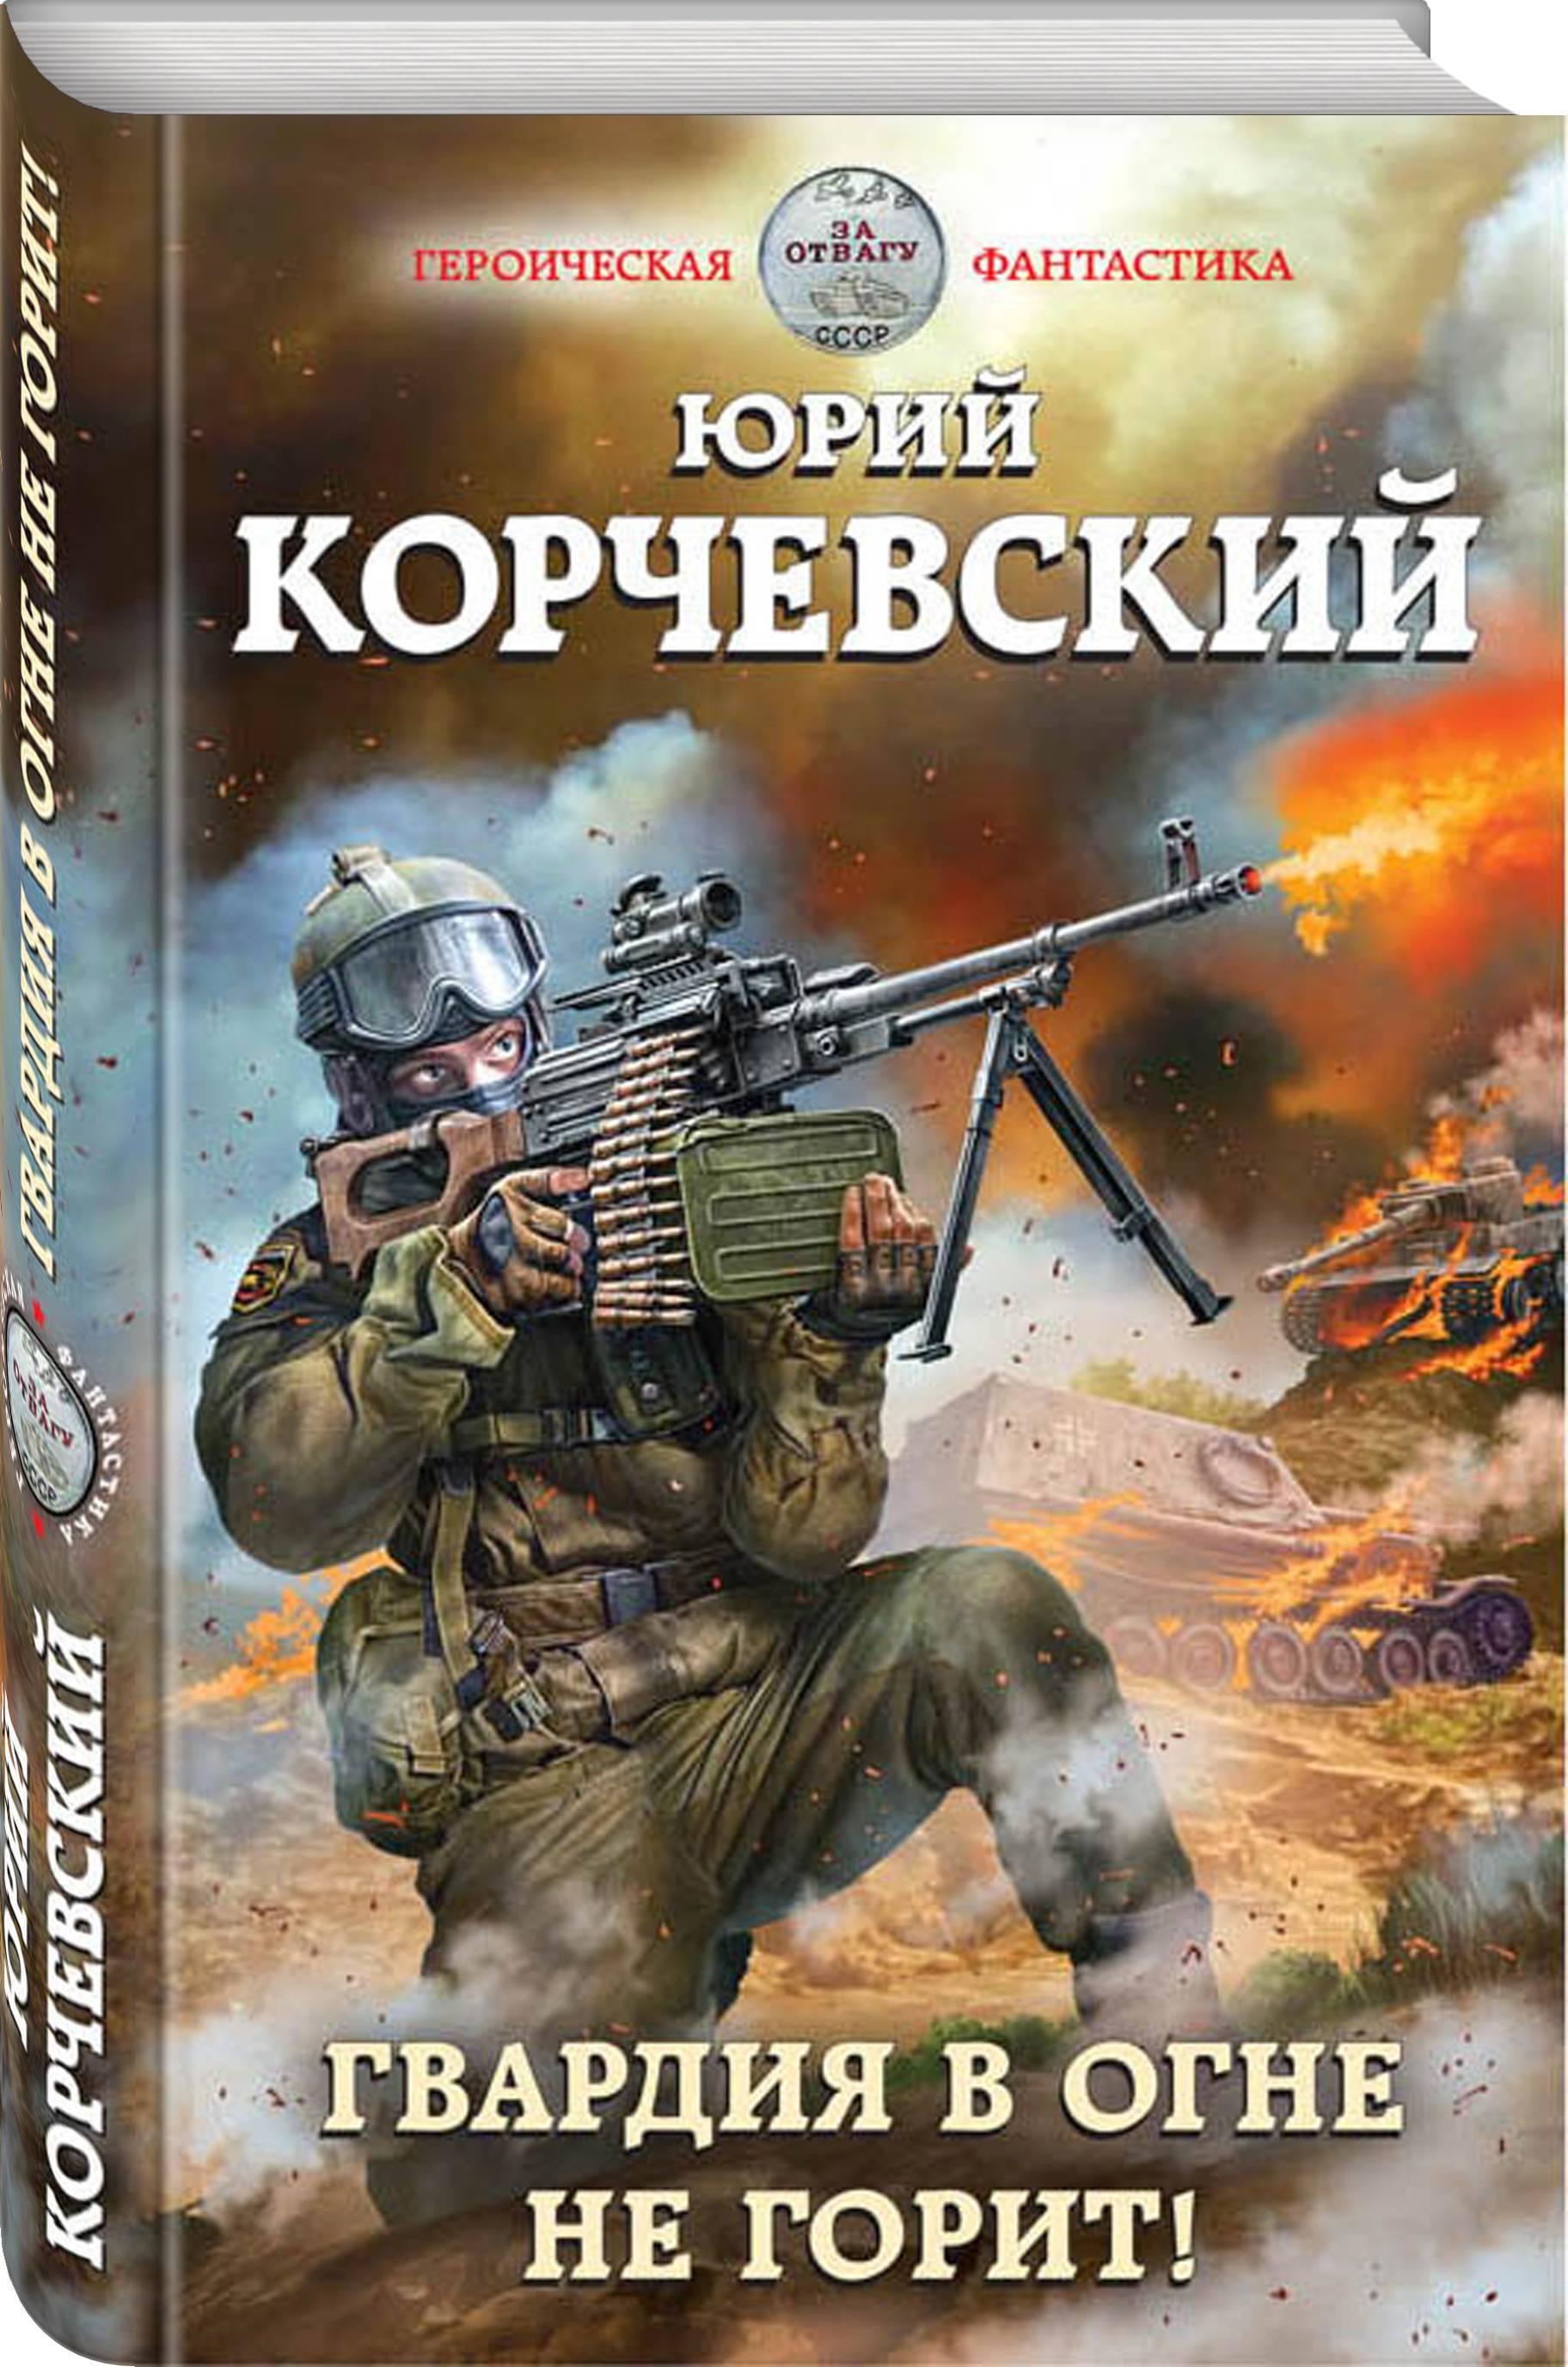 Юрий Корчевский Гвардия в огне не горит!